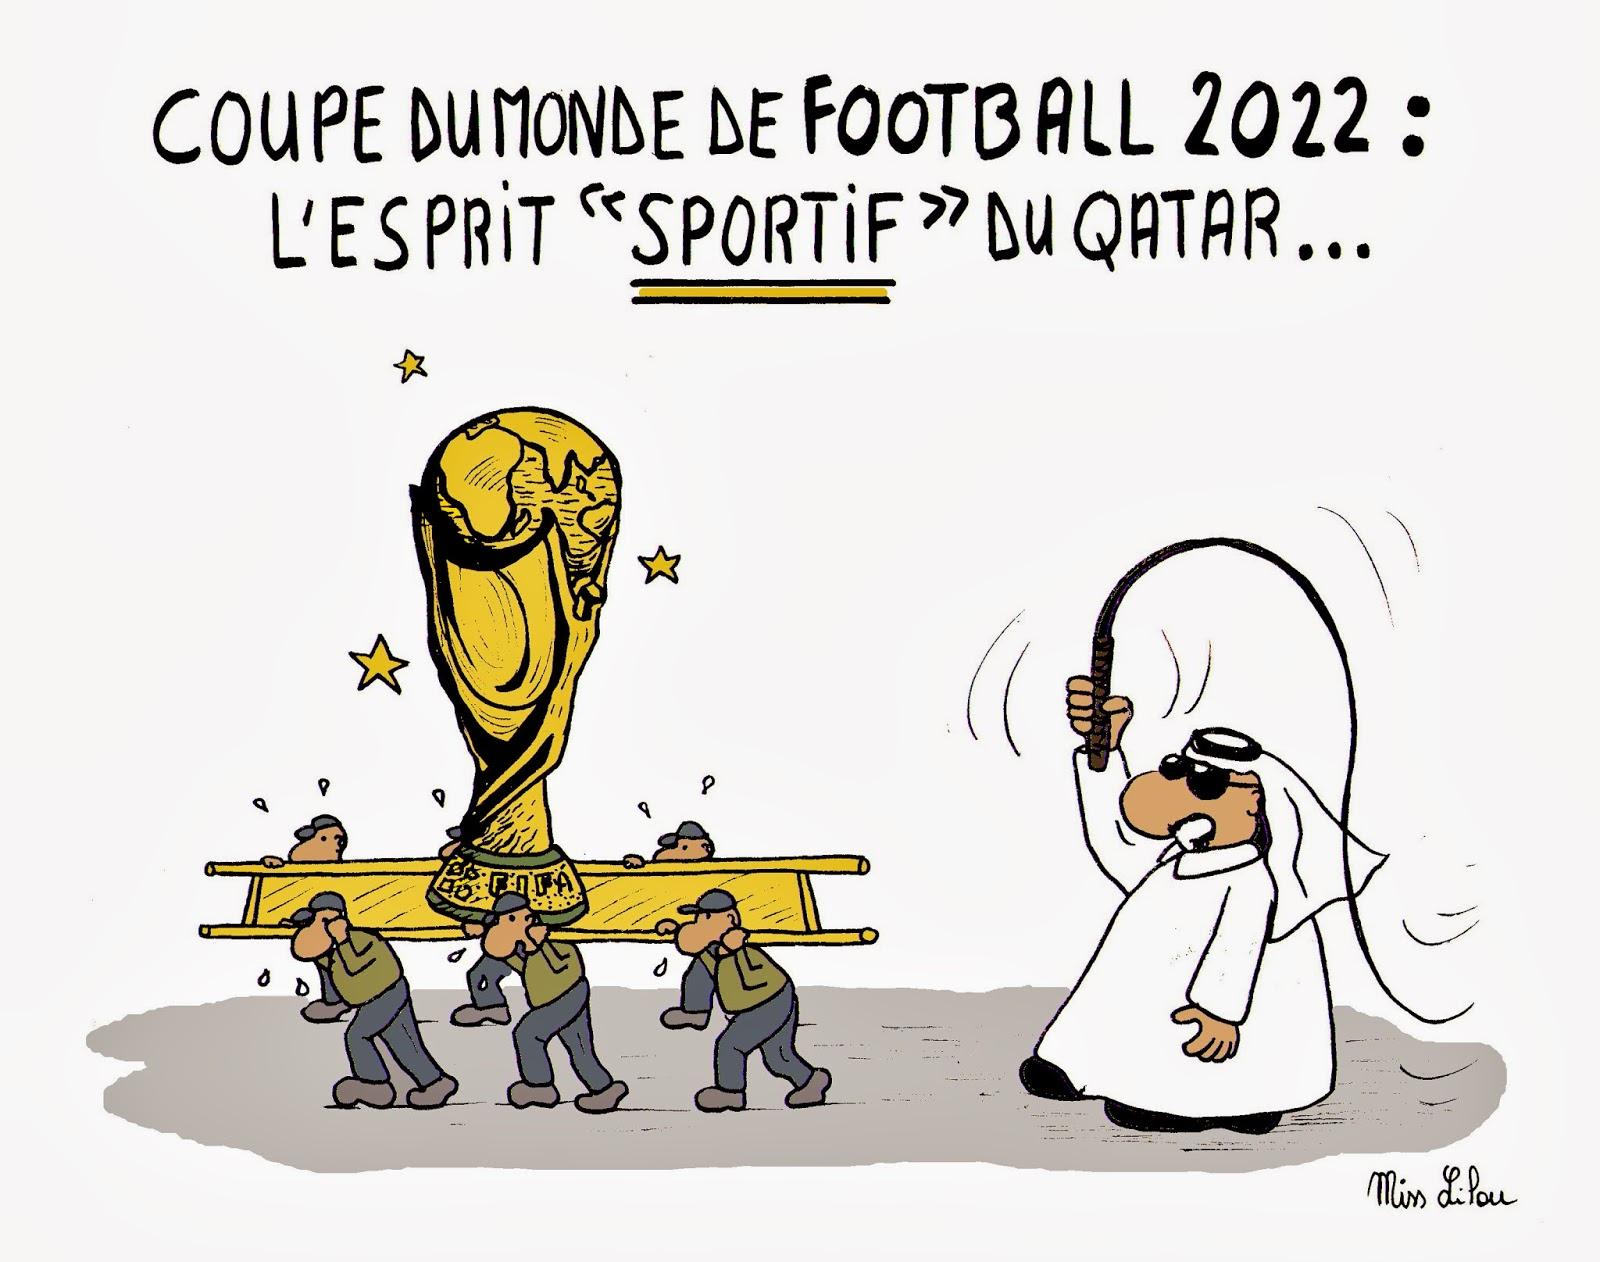 Acturatons football mondial 2022 de l 39 esclavage au qatar - Prochaine coupe du monde de foot 2022 ...